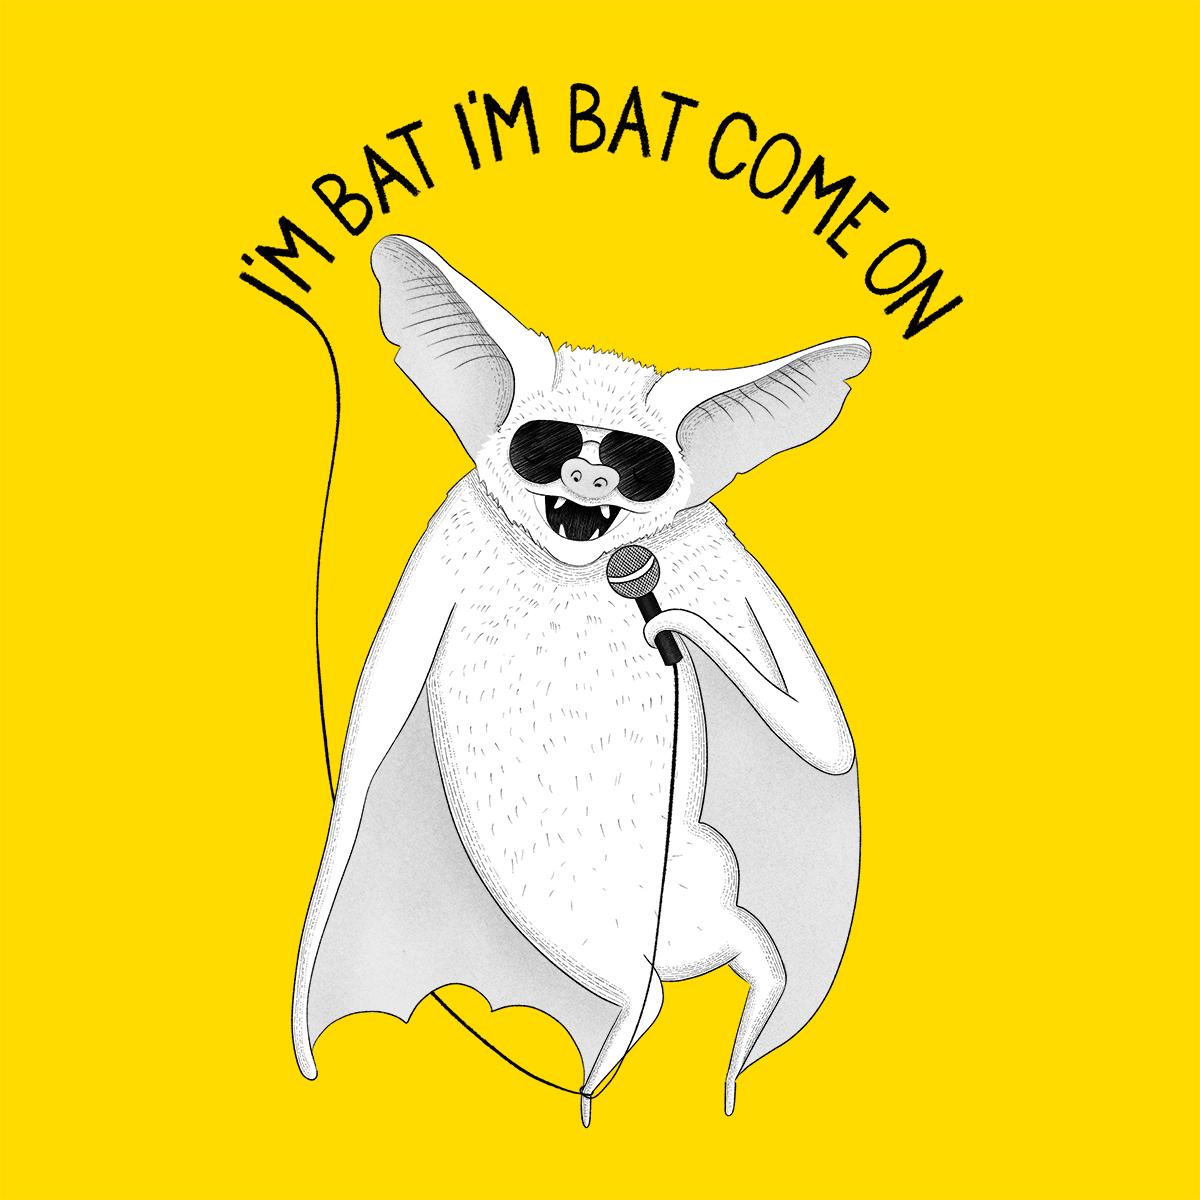 bat singing michael jackson animal karaoke illustration drawingeggen